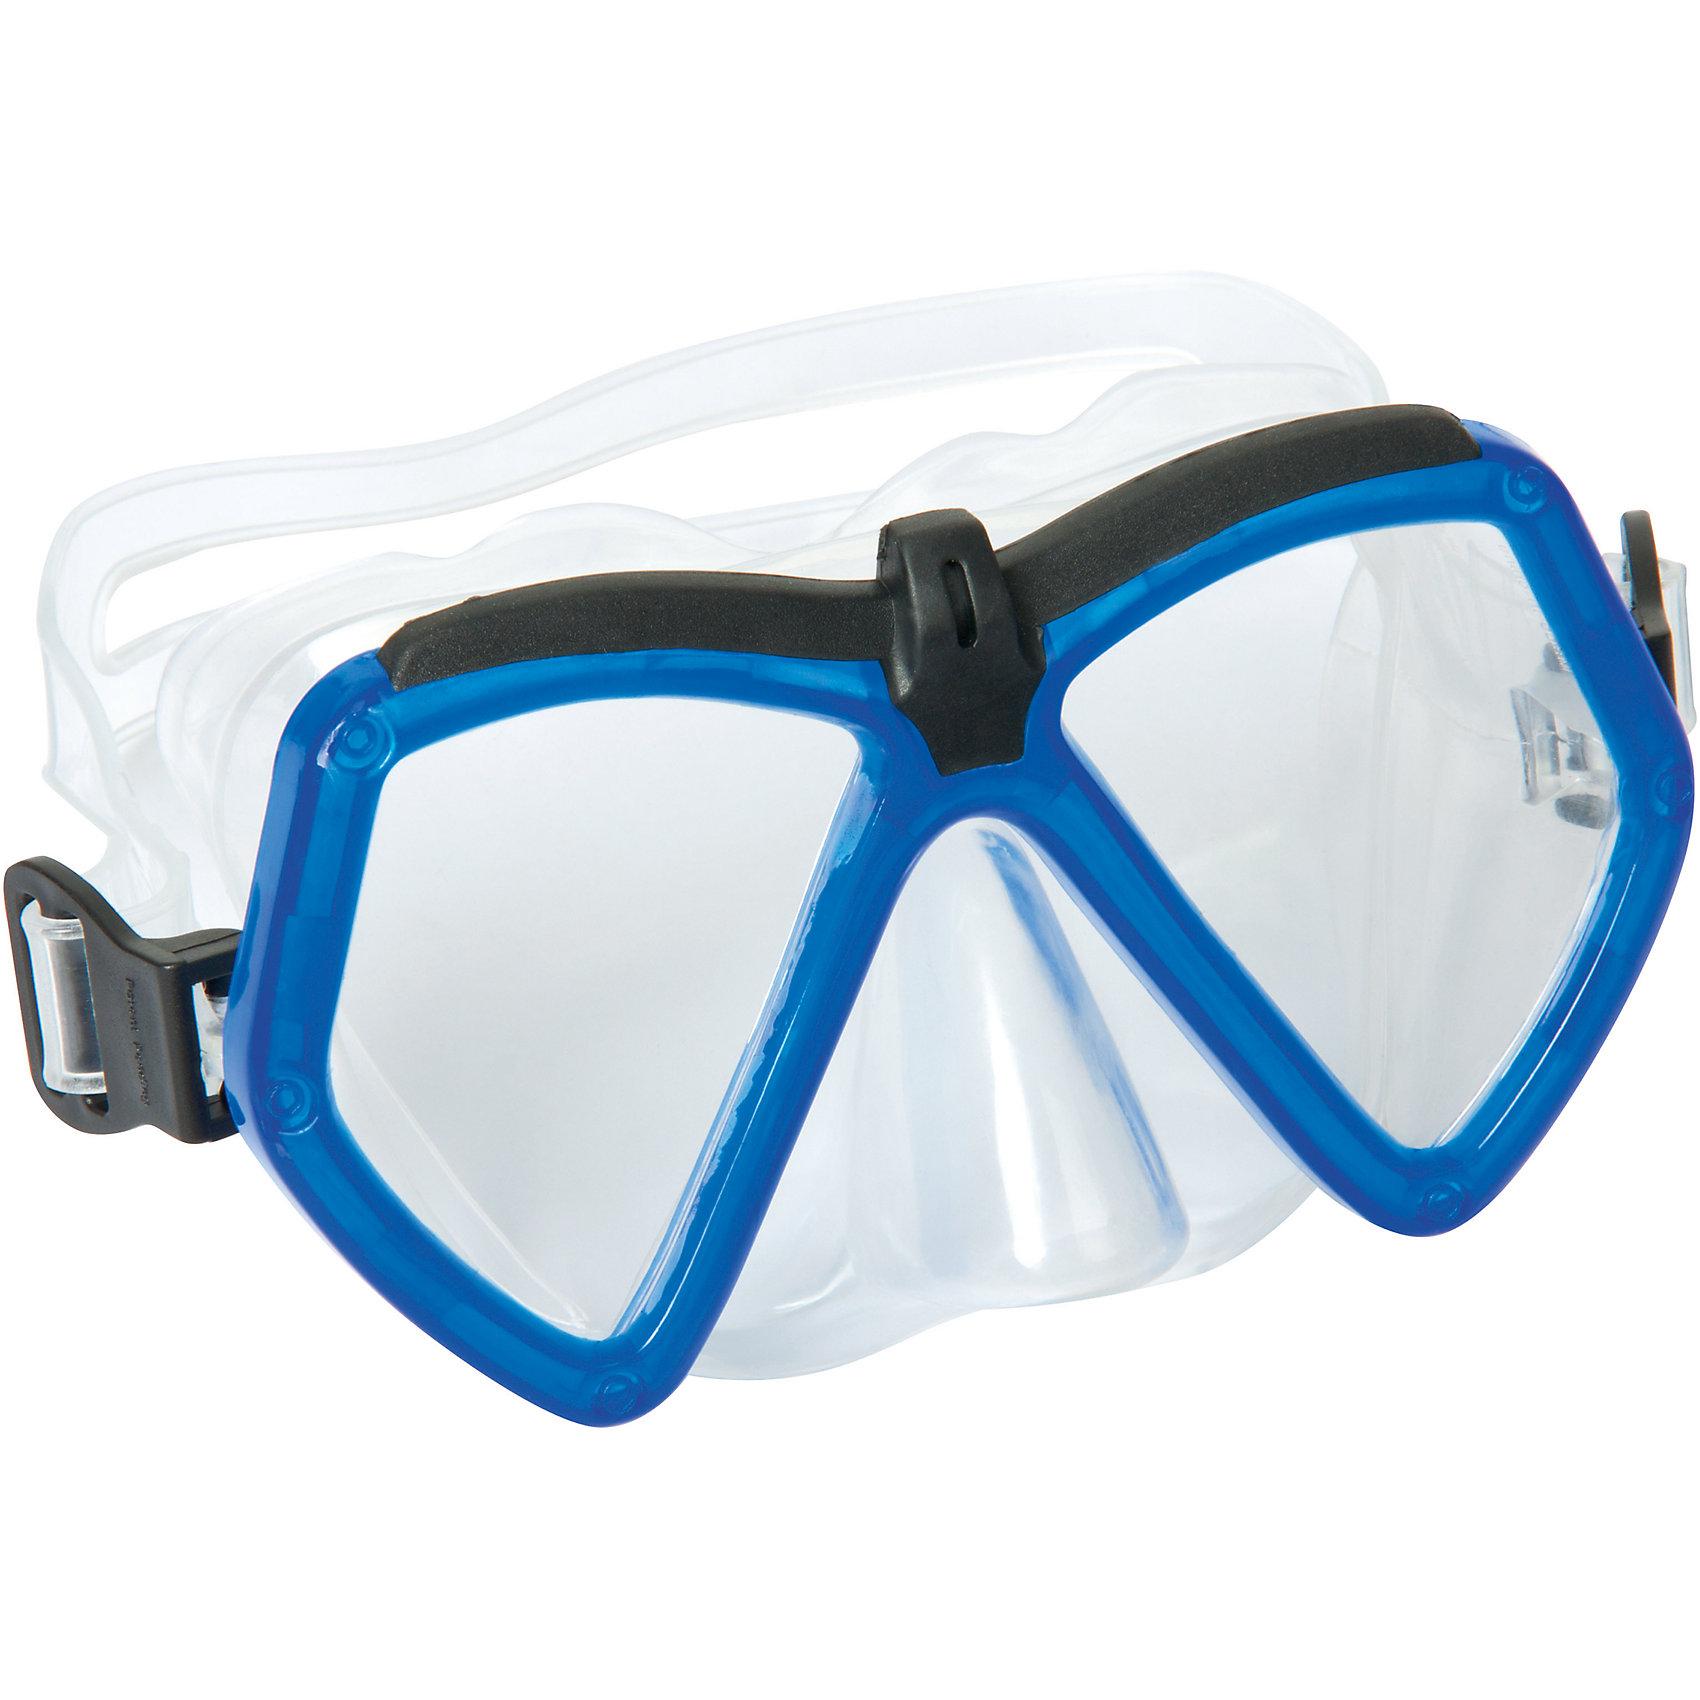 Детская маска для подводного плавания Море, Bestway, синийДетская маска для подводного плавания Море, Bestway (Бествей) с  поликарбонатными линзами угловатой формы. Маска имеет отдельно выполненный выступ для носа, что полностью исключает протекание. Силикон прозрачный, поэтому обзор у этой модели широкий.   Дополнительная информация:  - В комплекте: маска для плавания Бествей - Материал: ударопрочный поликарбонат - Уплотнитель: силикон - Регулируемый ремешок для обхвата головы.  Детскую маску для подводного плавания Море, Bestway (Бествей) можно купить в нашем интернет-магазине.<br><br>Ширина мм: 216<br>Глубина мм: 164<br>Высота мм: 86<br>Вес г: 154<br>Возраст от месяцев: 72<br>Возраст до месяцев: 144<br>Пол: Унисекс<br>Возраст: Детский<br>SKU: 4829108